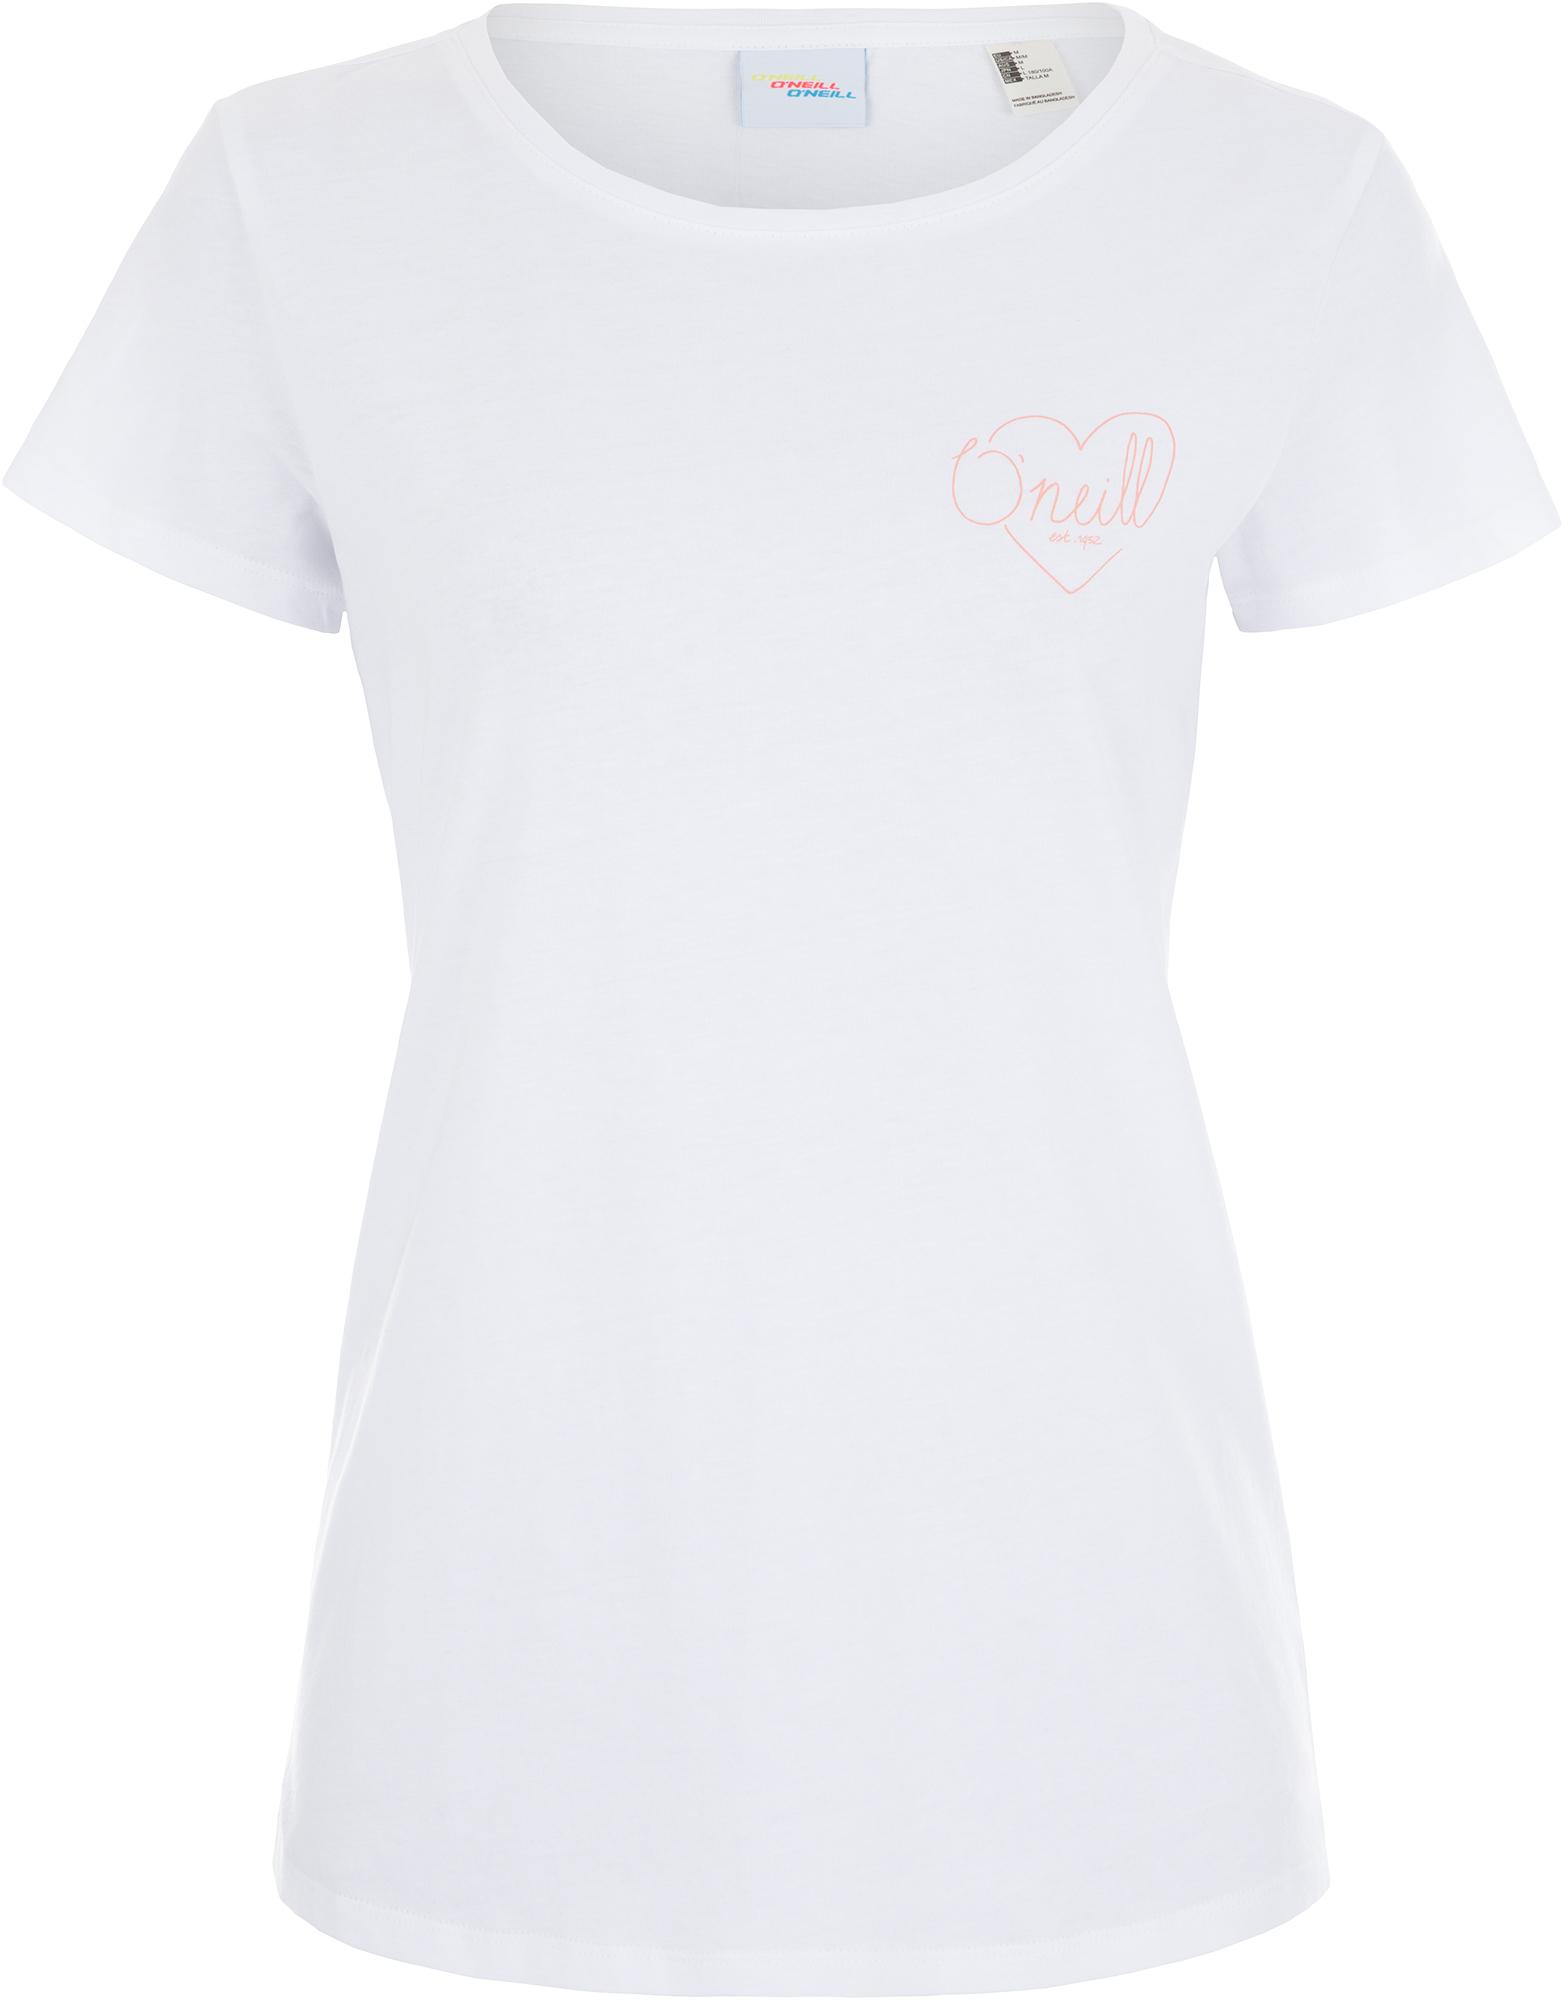 O'Neill Футболка женская O'Neill Lw Flower, размер 48-50 футболка женская o neill lw brooklyn banks t shirt цвет светло серый 9a7310 8101 размер m 46 48